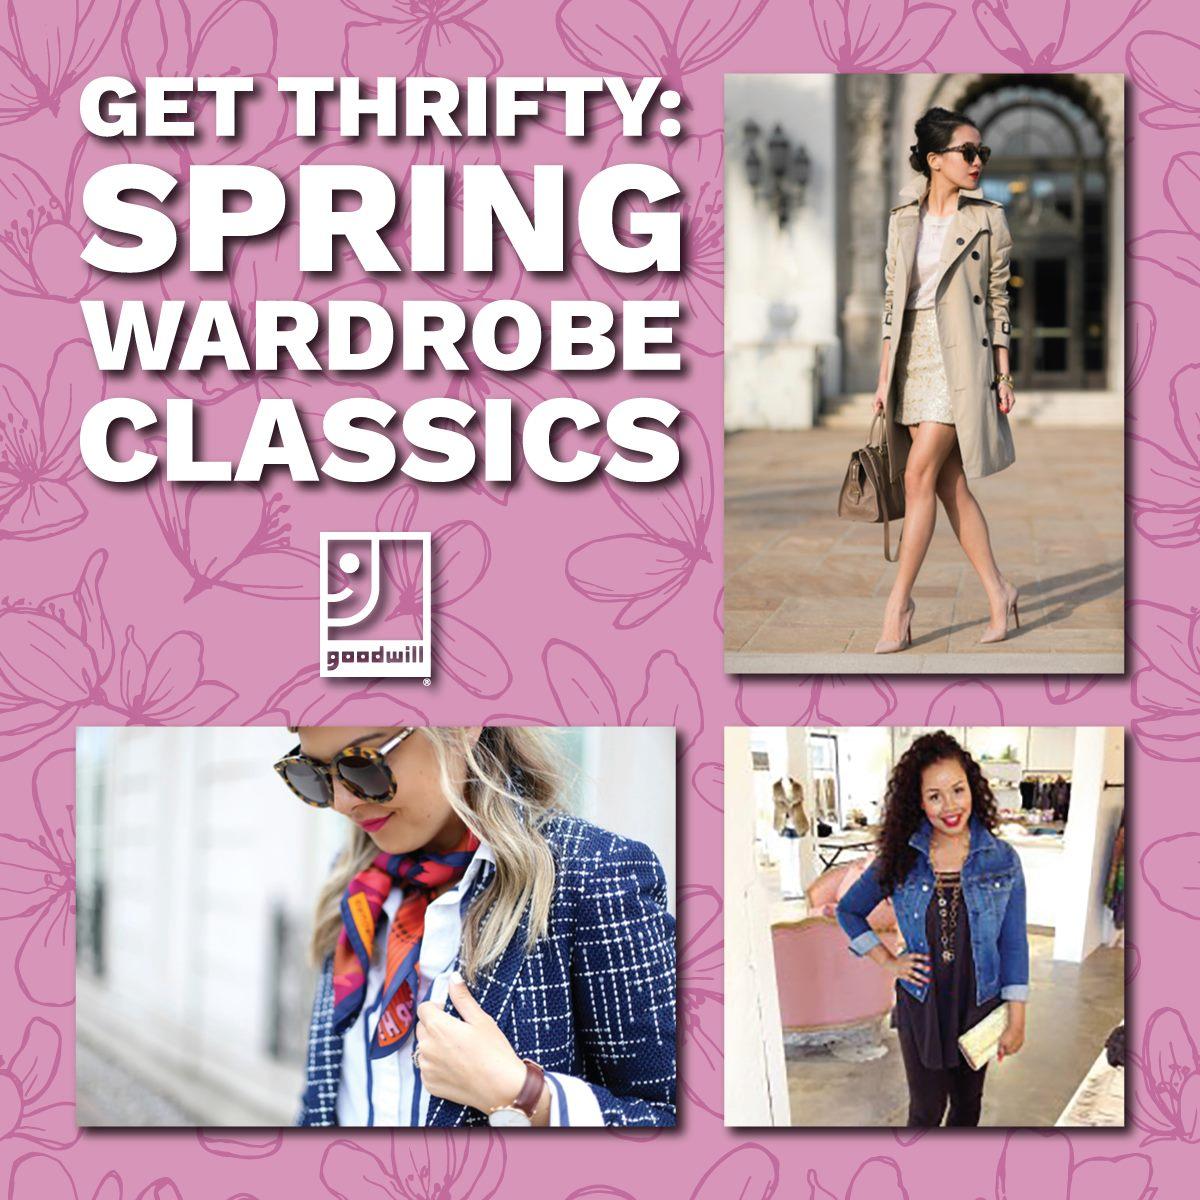 spring wardrobe classics blog